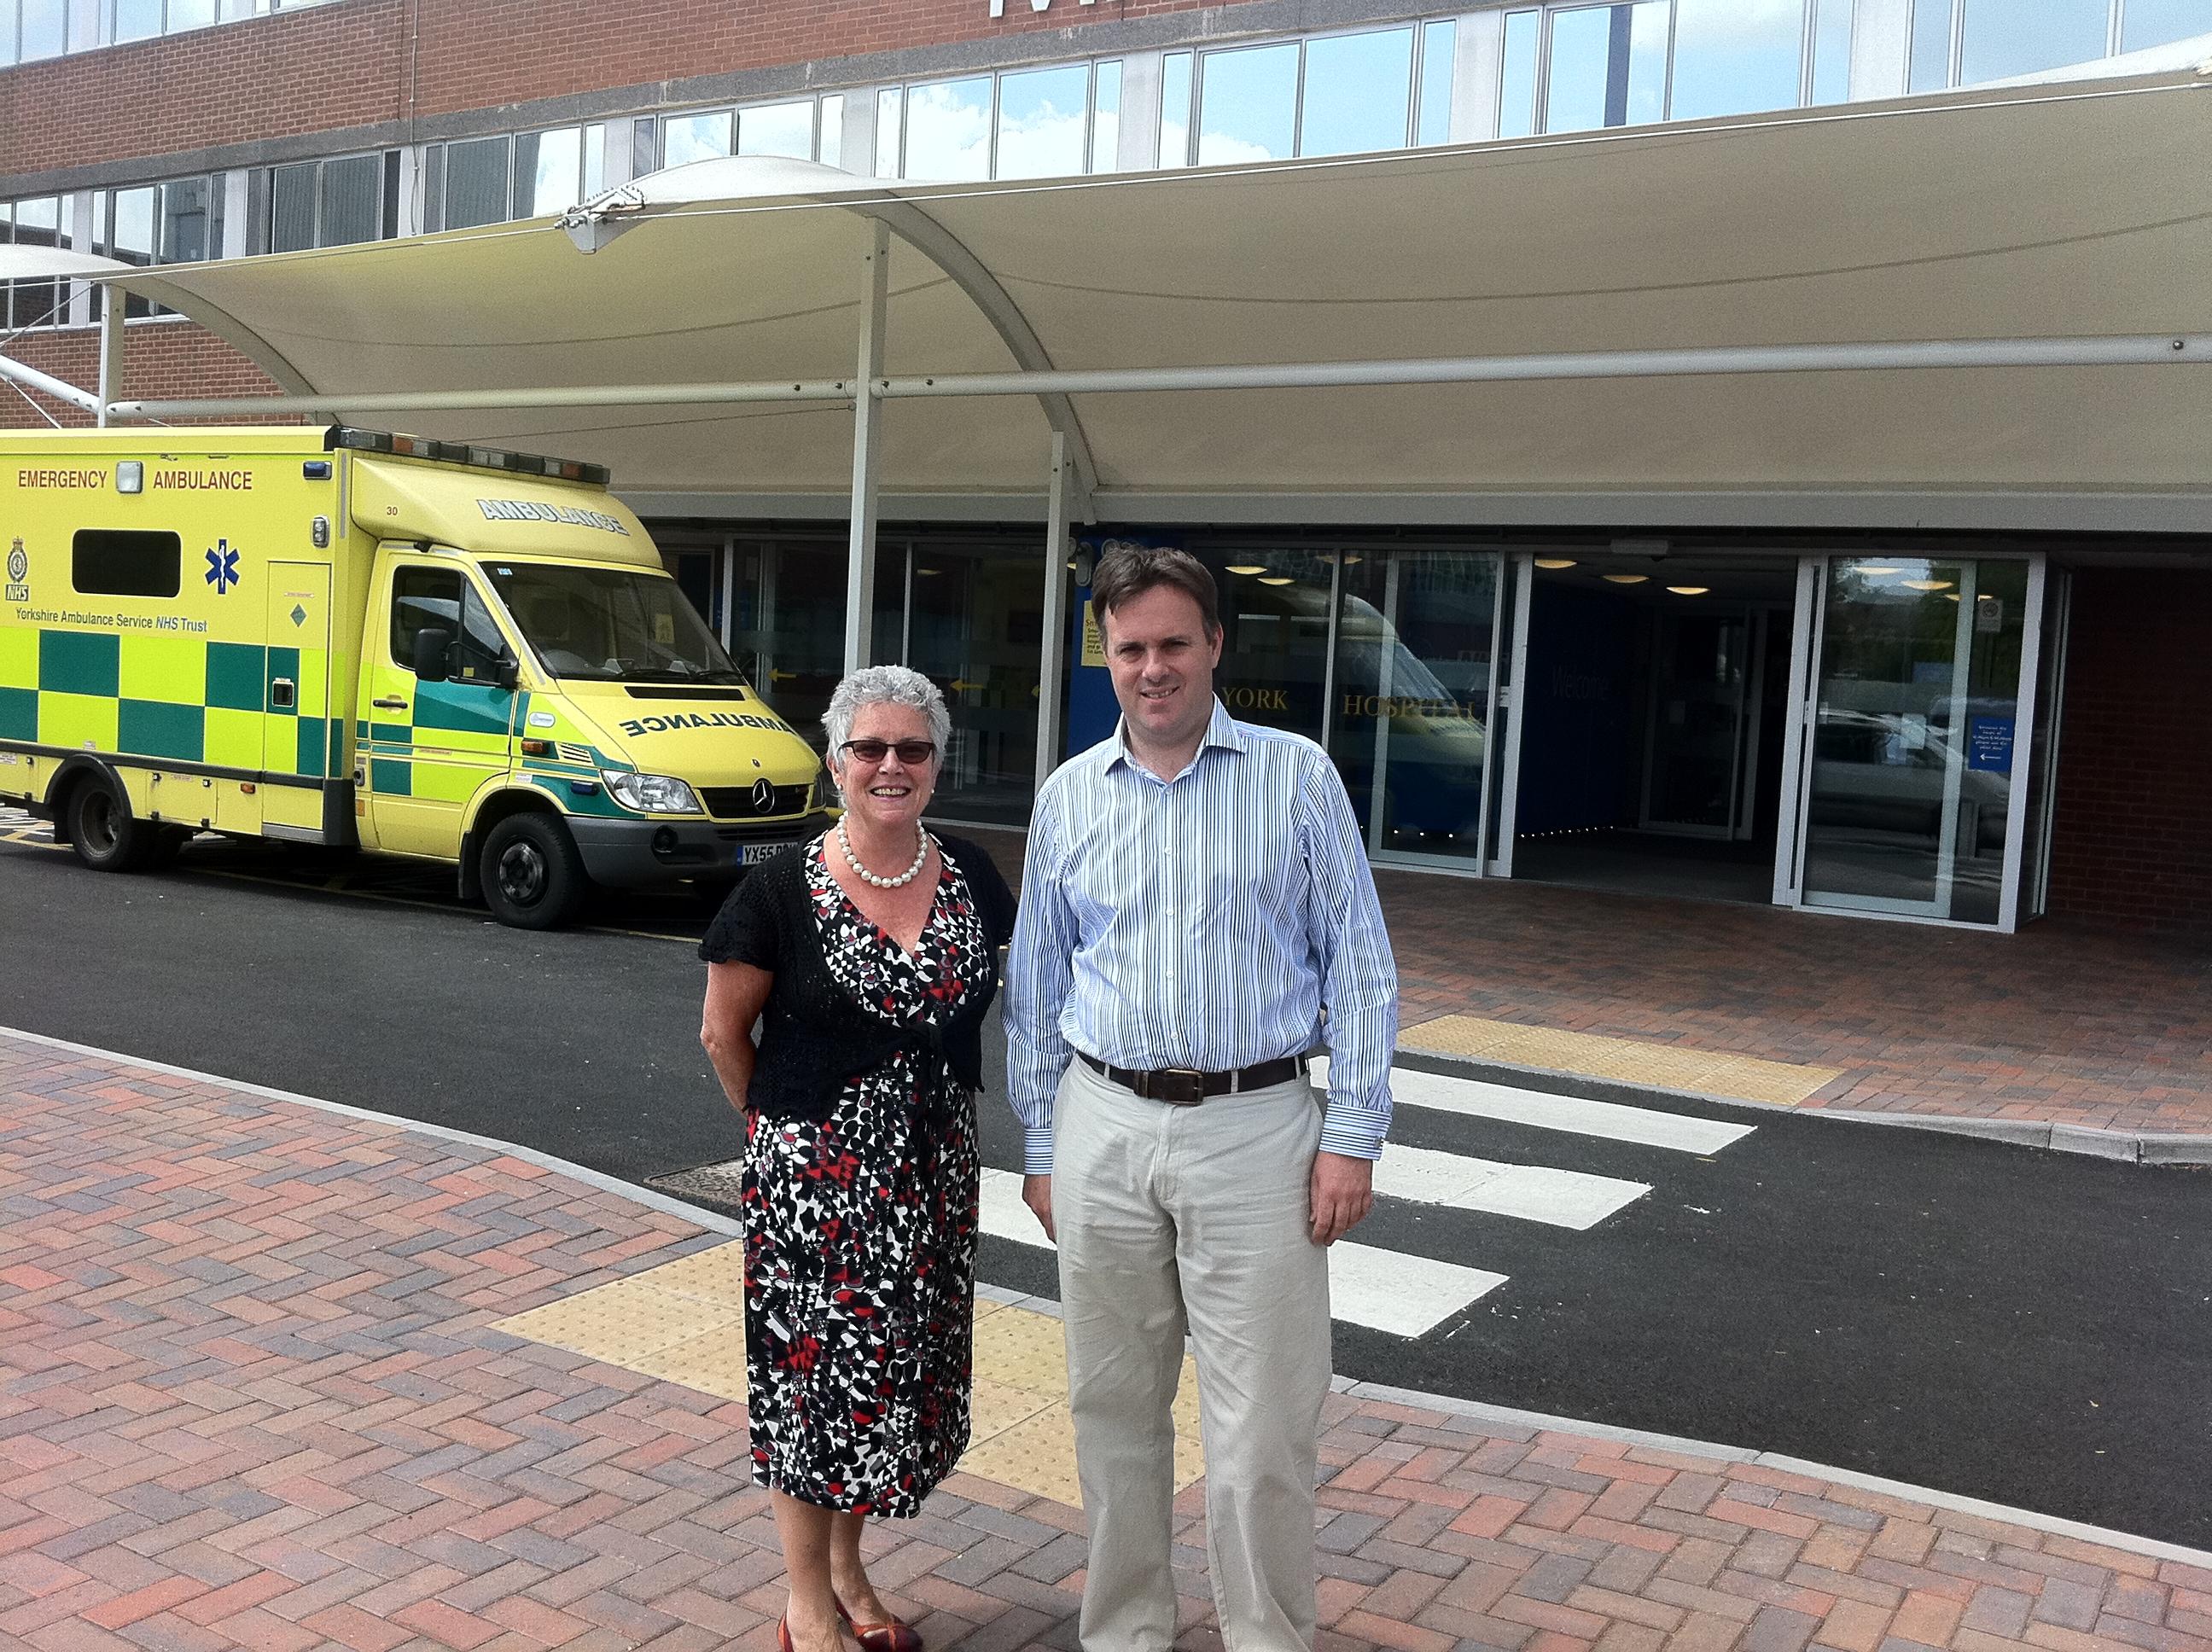 Outside York Hospital